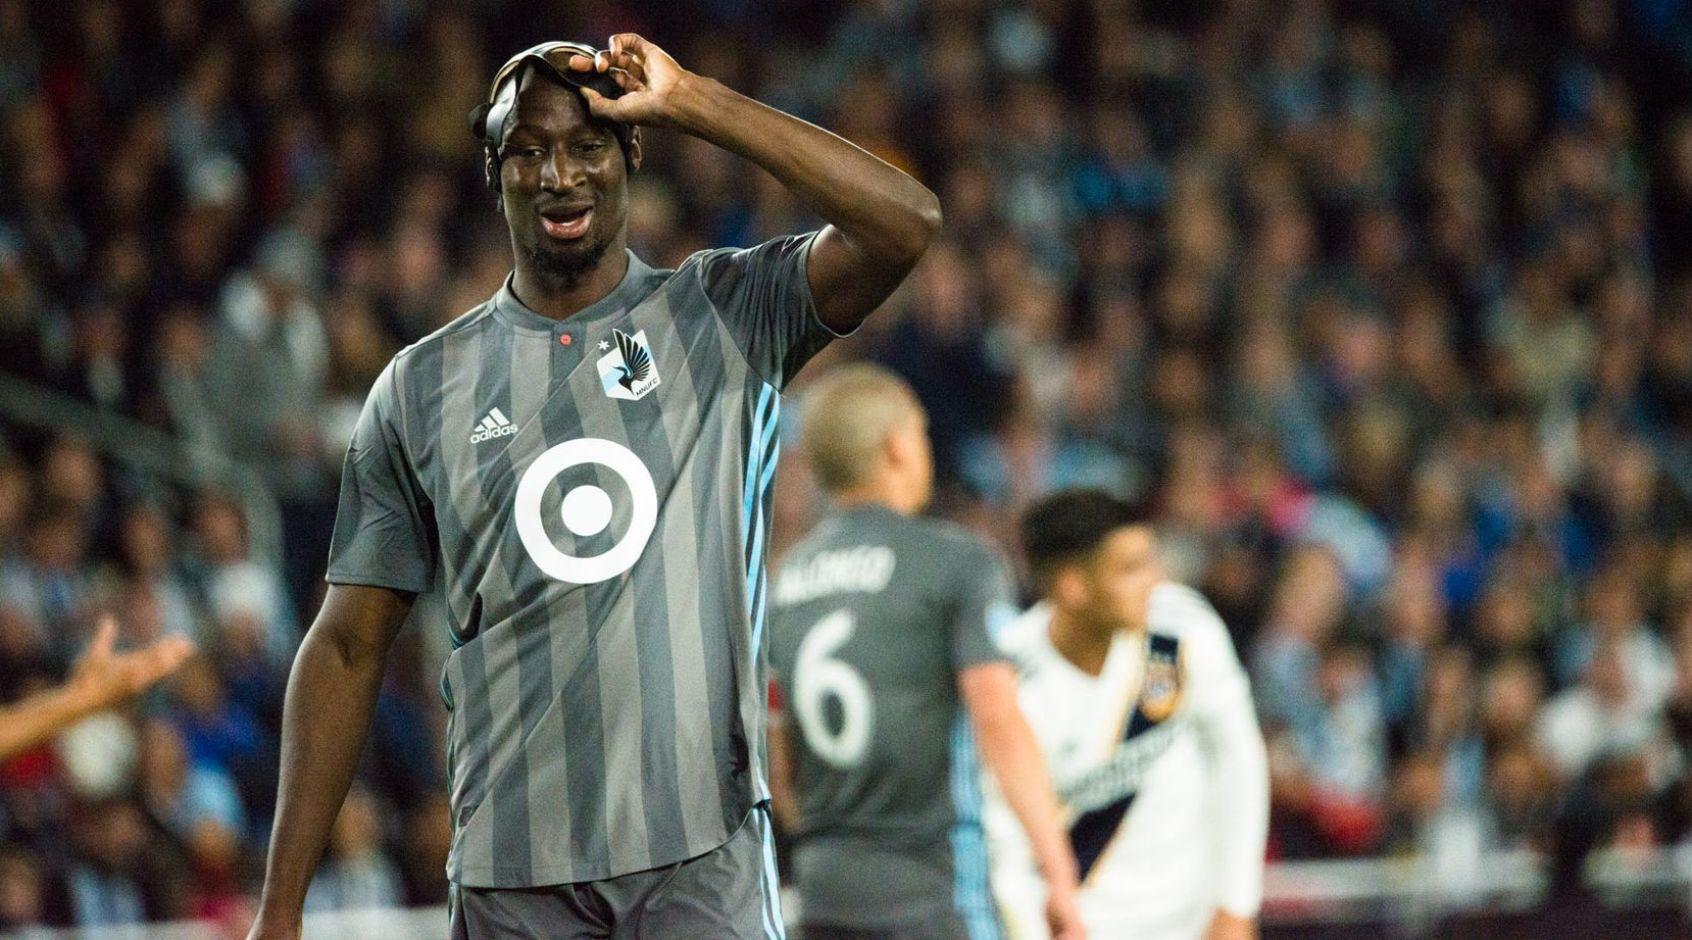 MLS: символическая сборная 2-й игровой недели, Айк Опара - лучший игрок